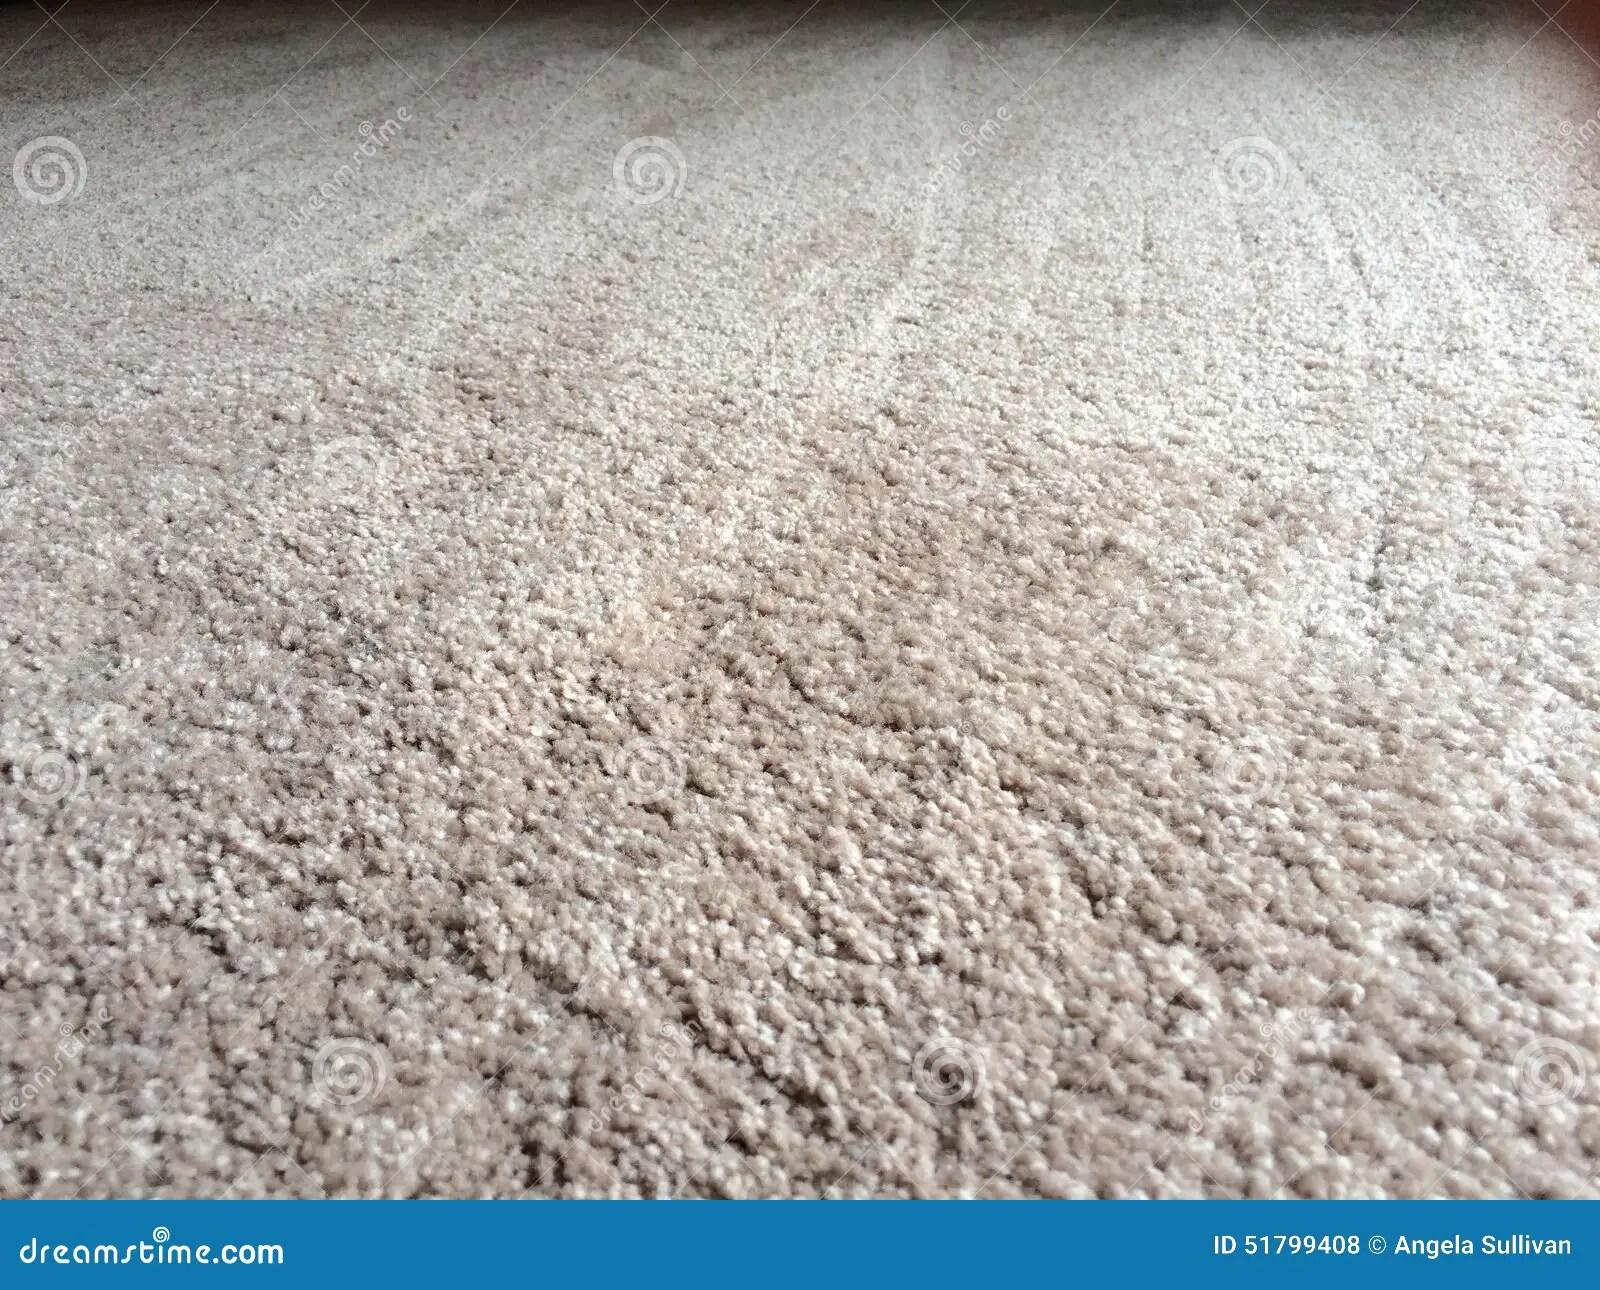 Clean Plush Carpet Floor Stock Photo Image 51799408